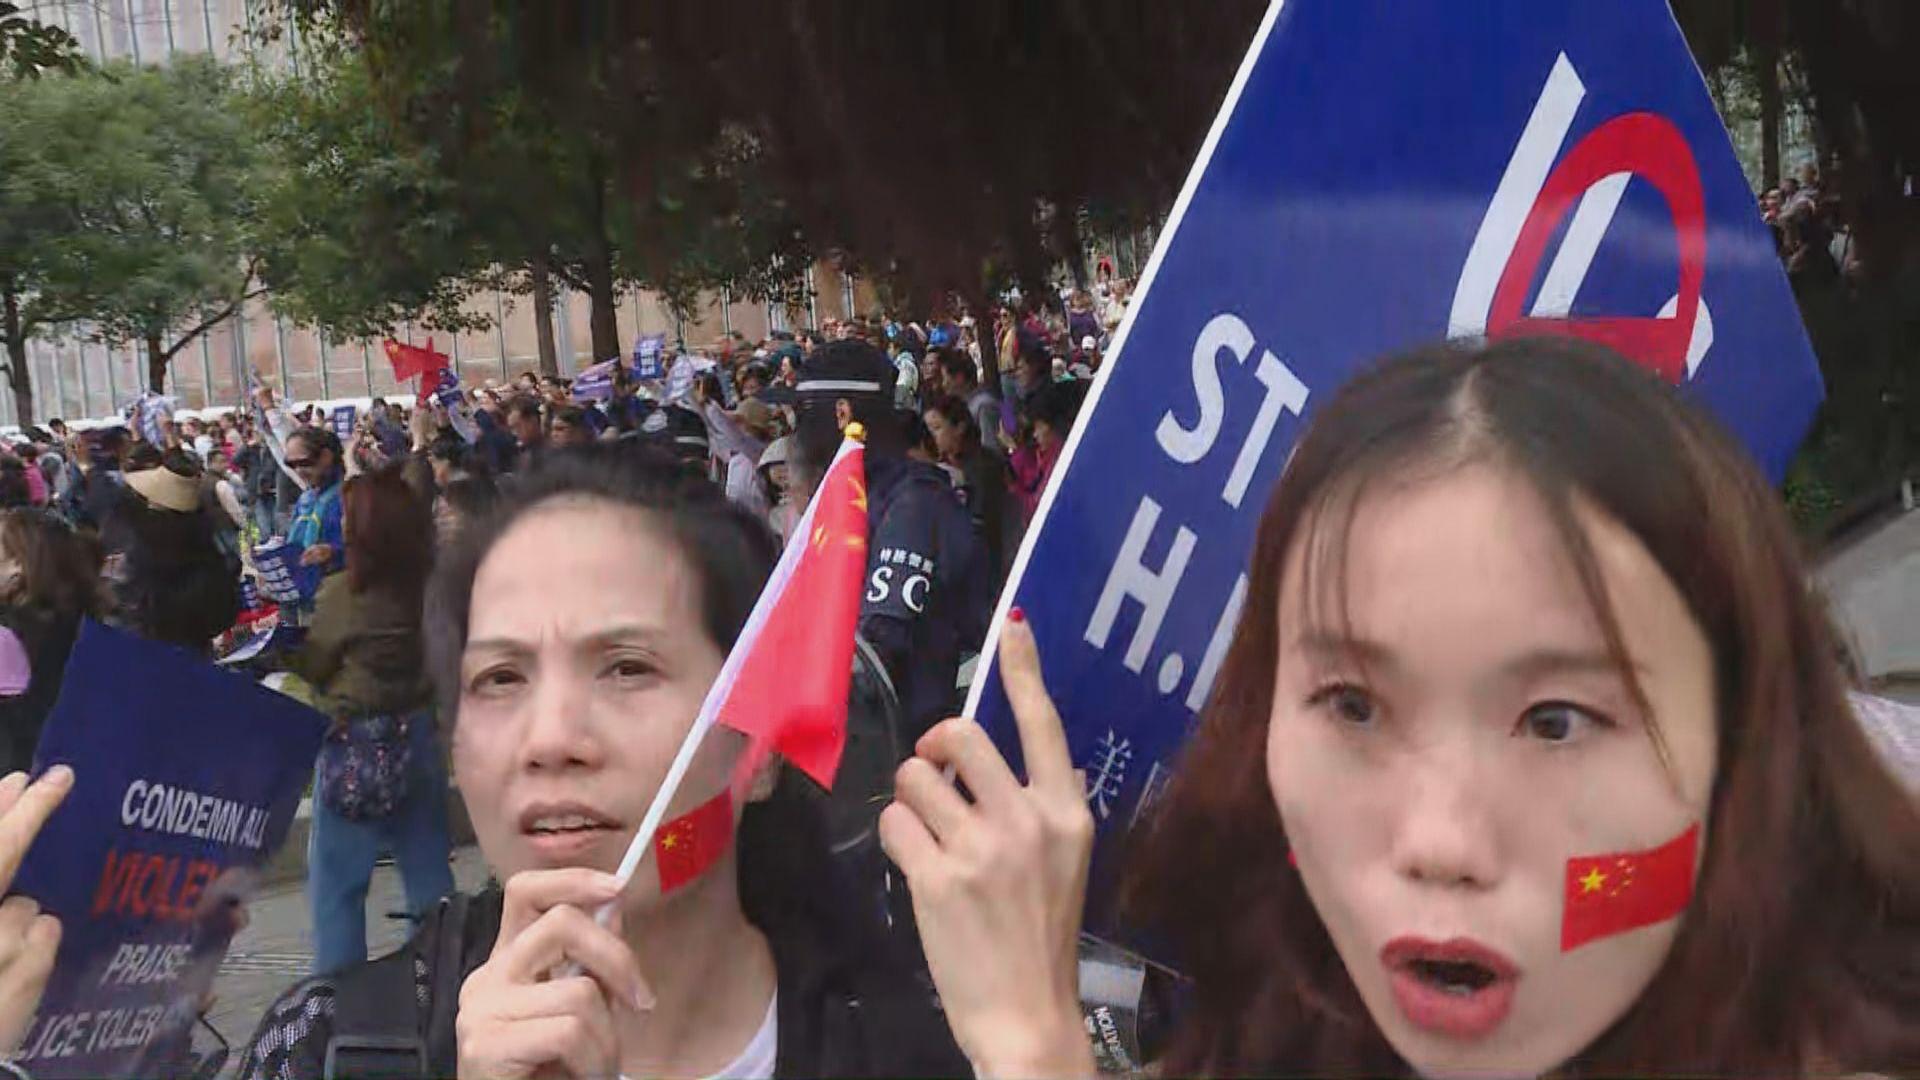 控訴暴力集會 參與者重申支持警方嚴正執法